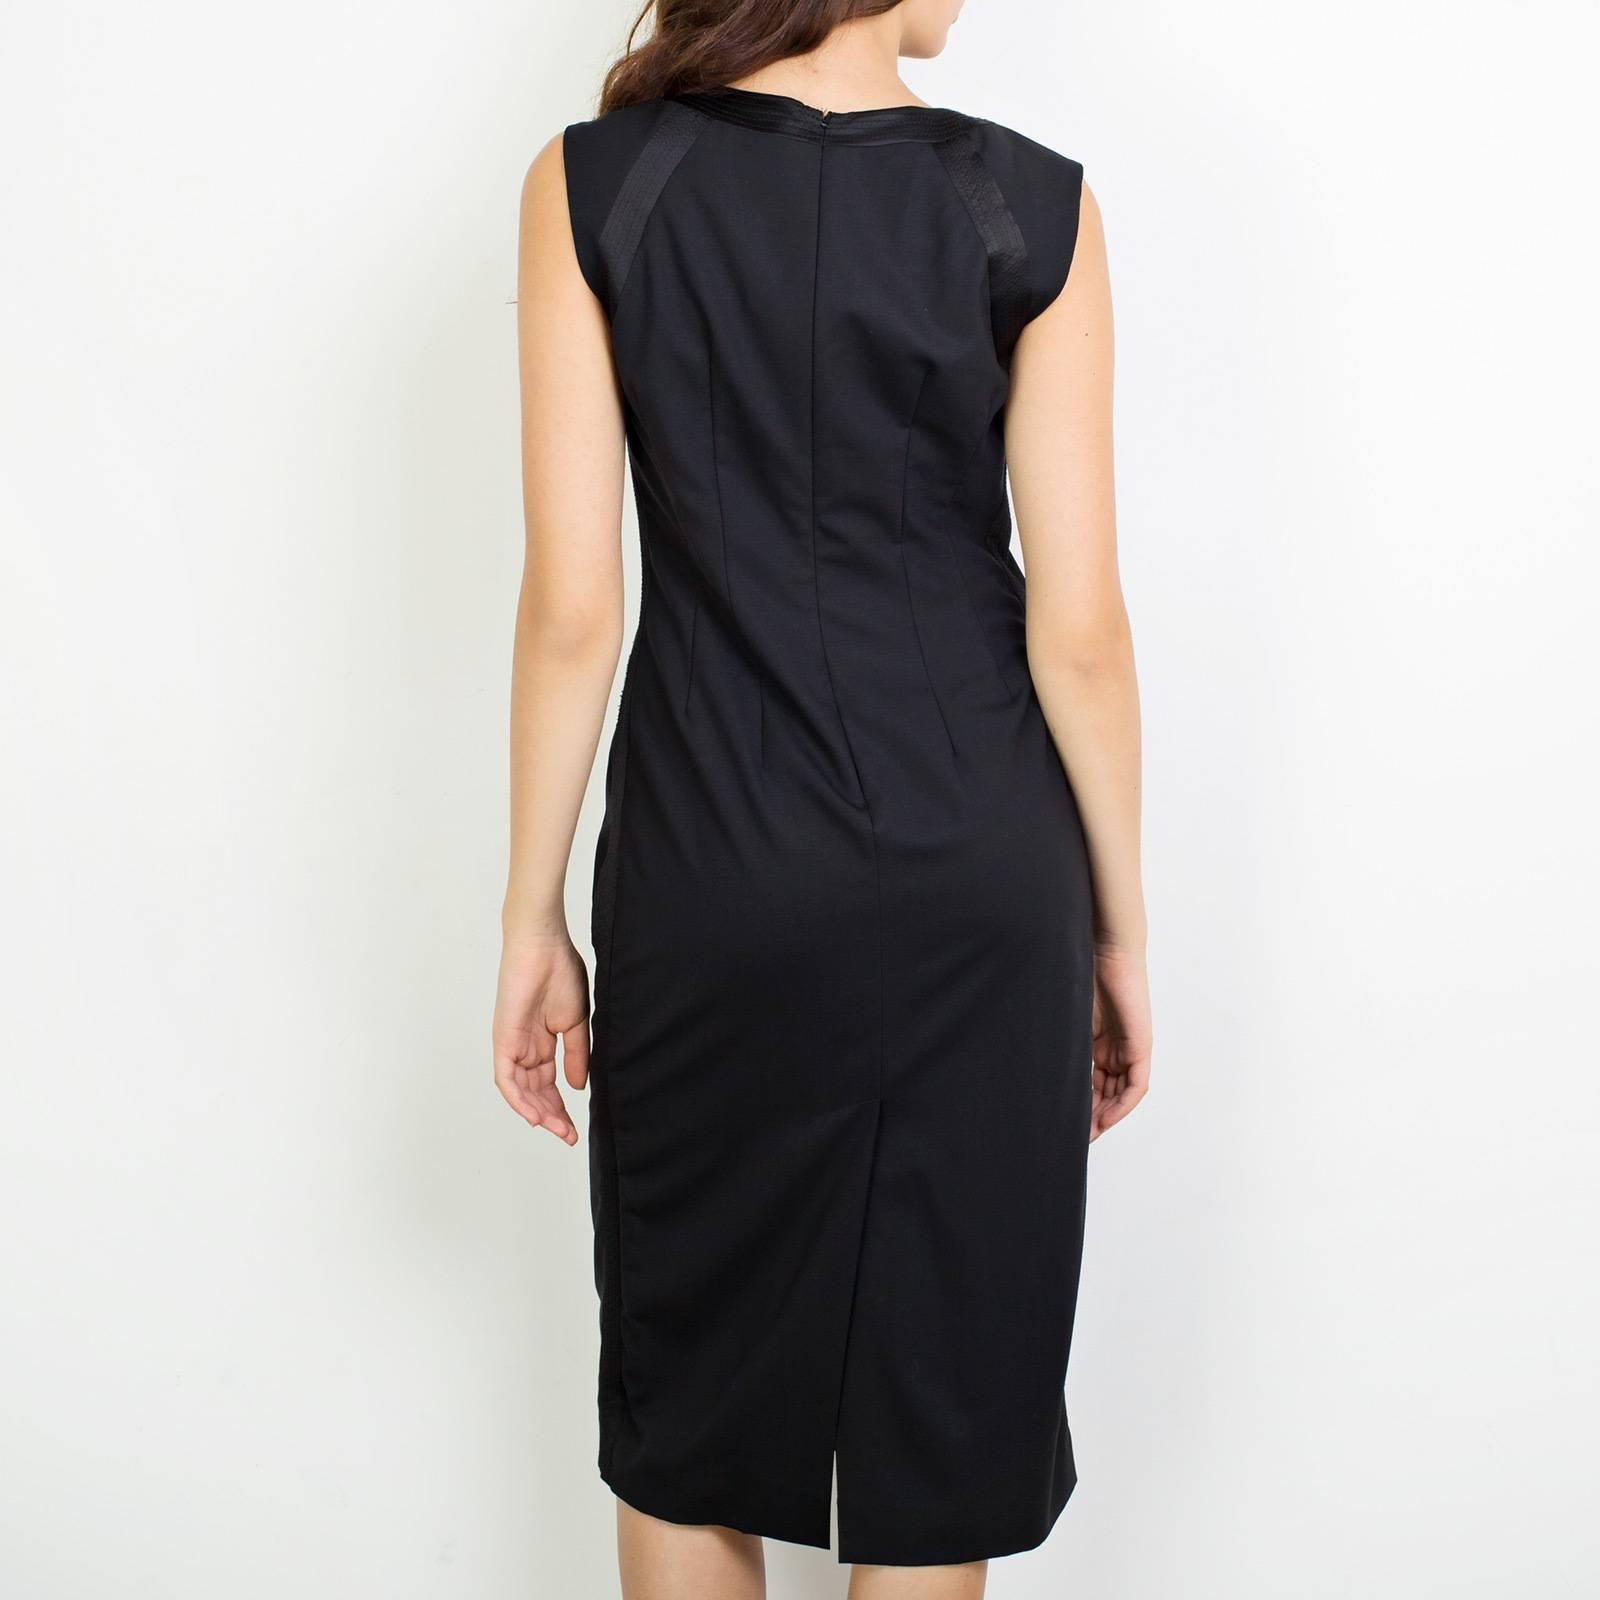 758ea2d3 Купить платье Paul Smith Black Label в Москве с доставкой по цене ...